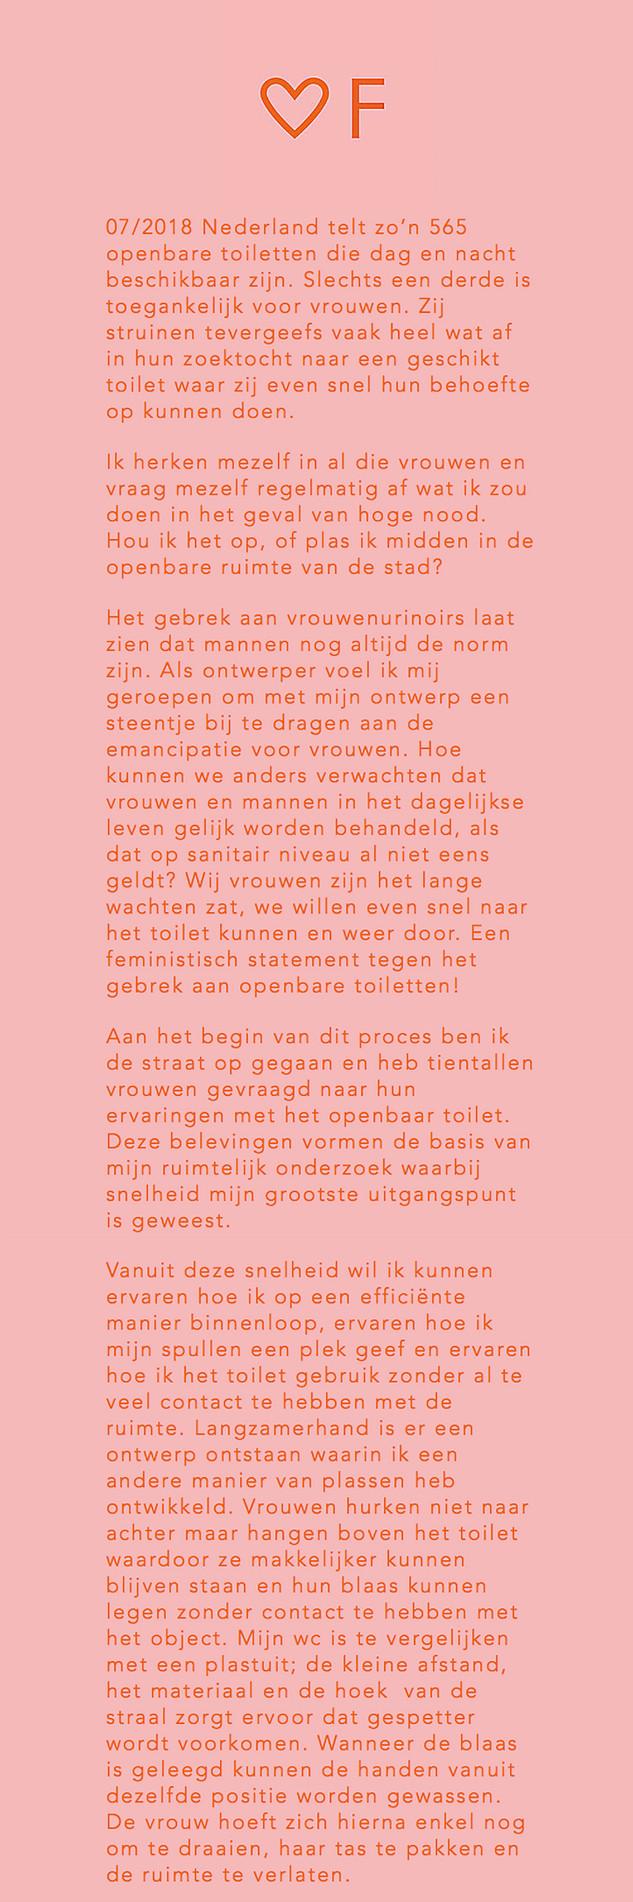 tekst wc.jpg